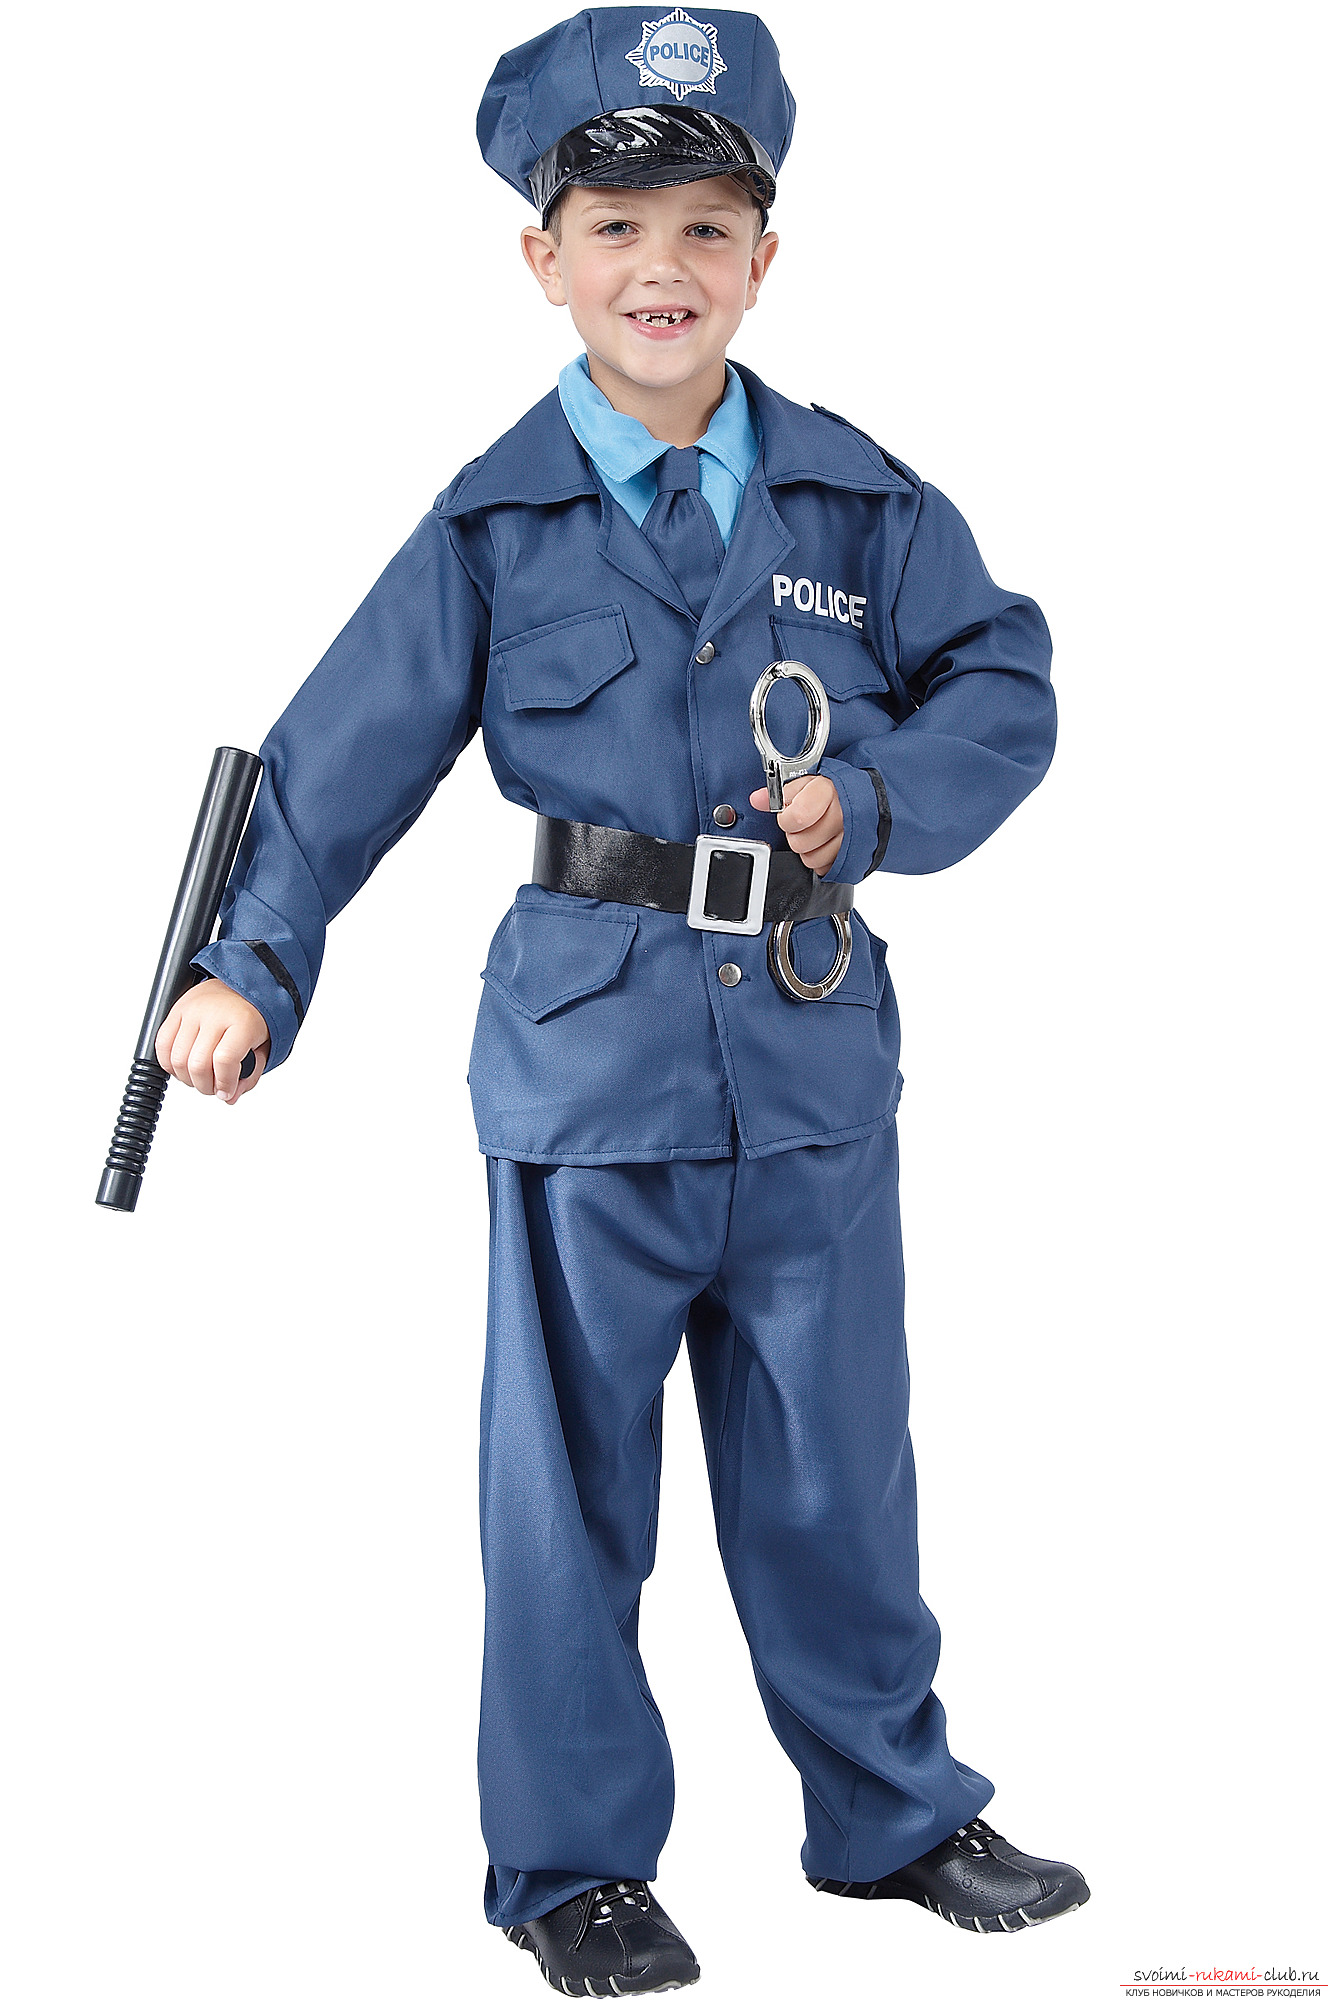 Костюм полицейского ребенку своими руками